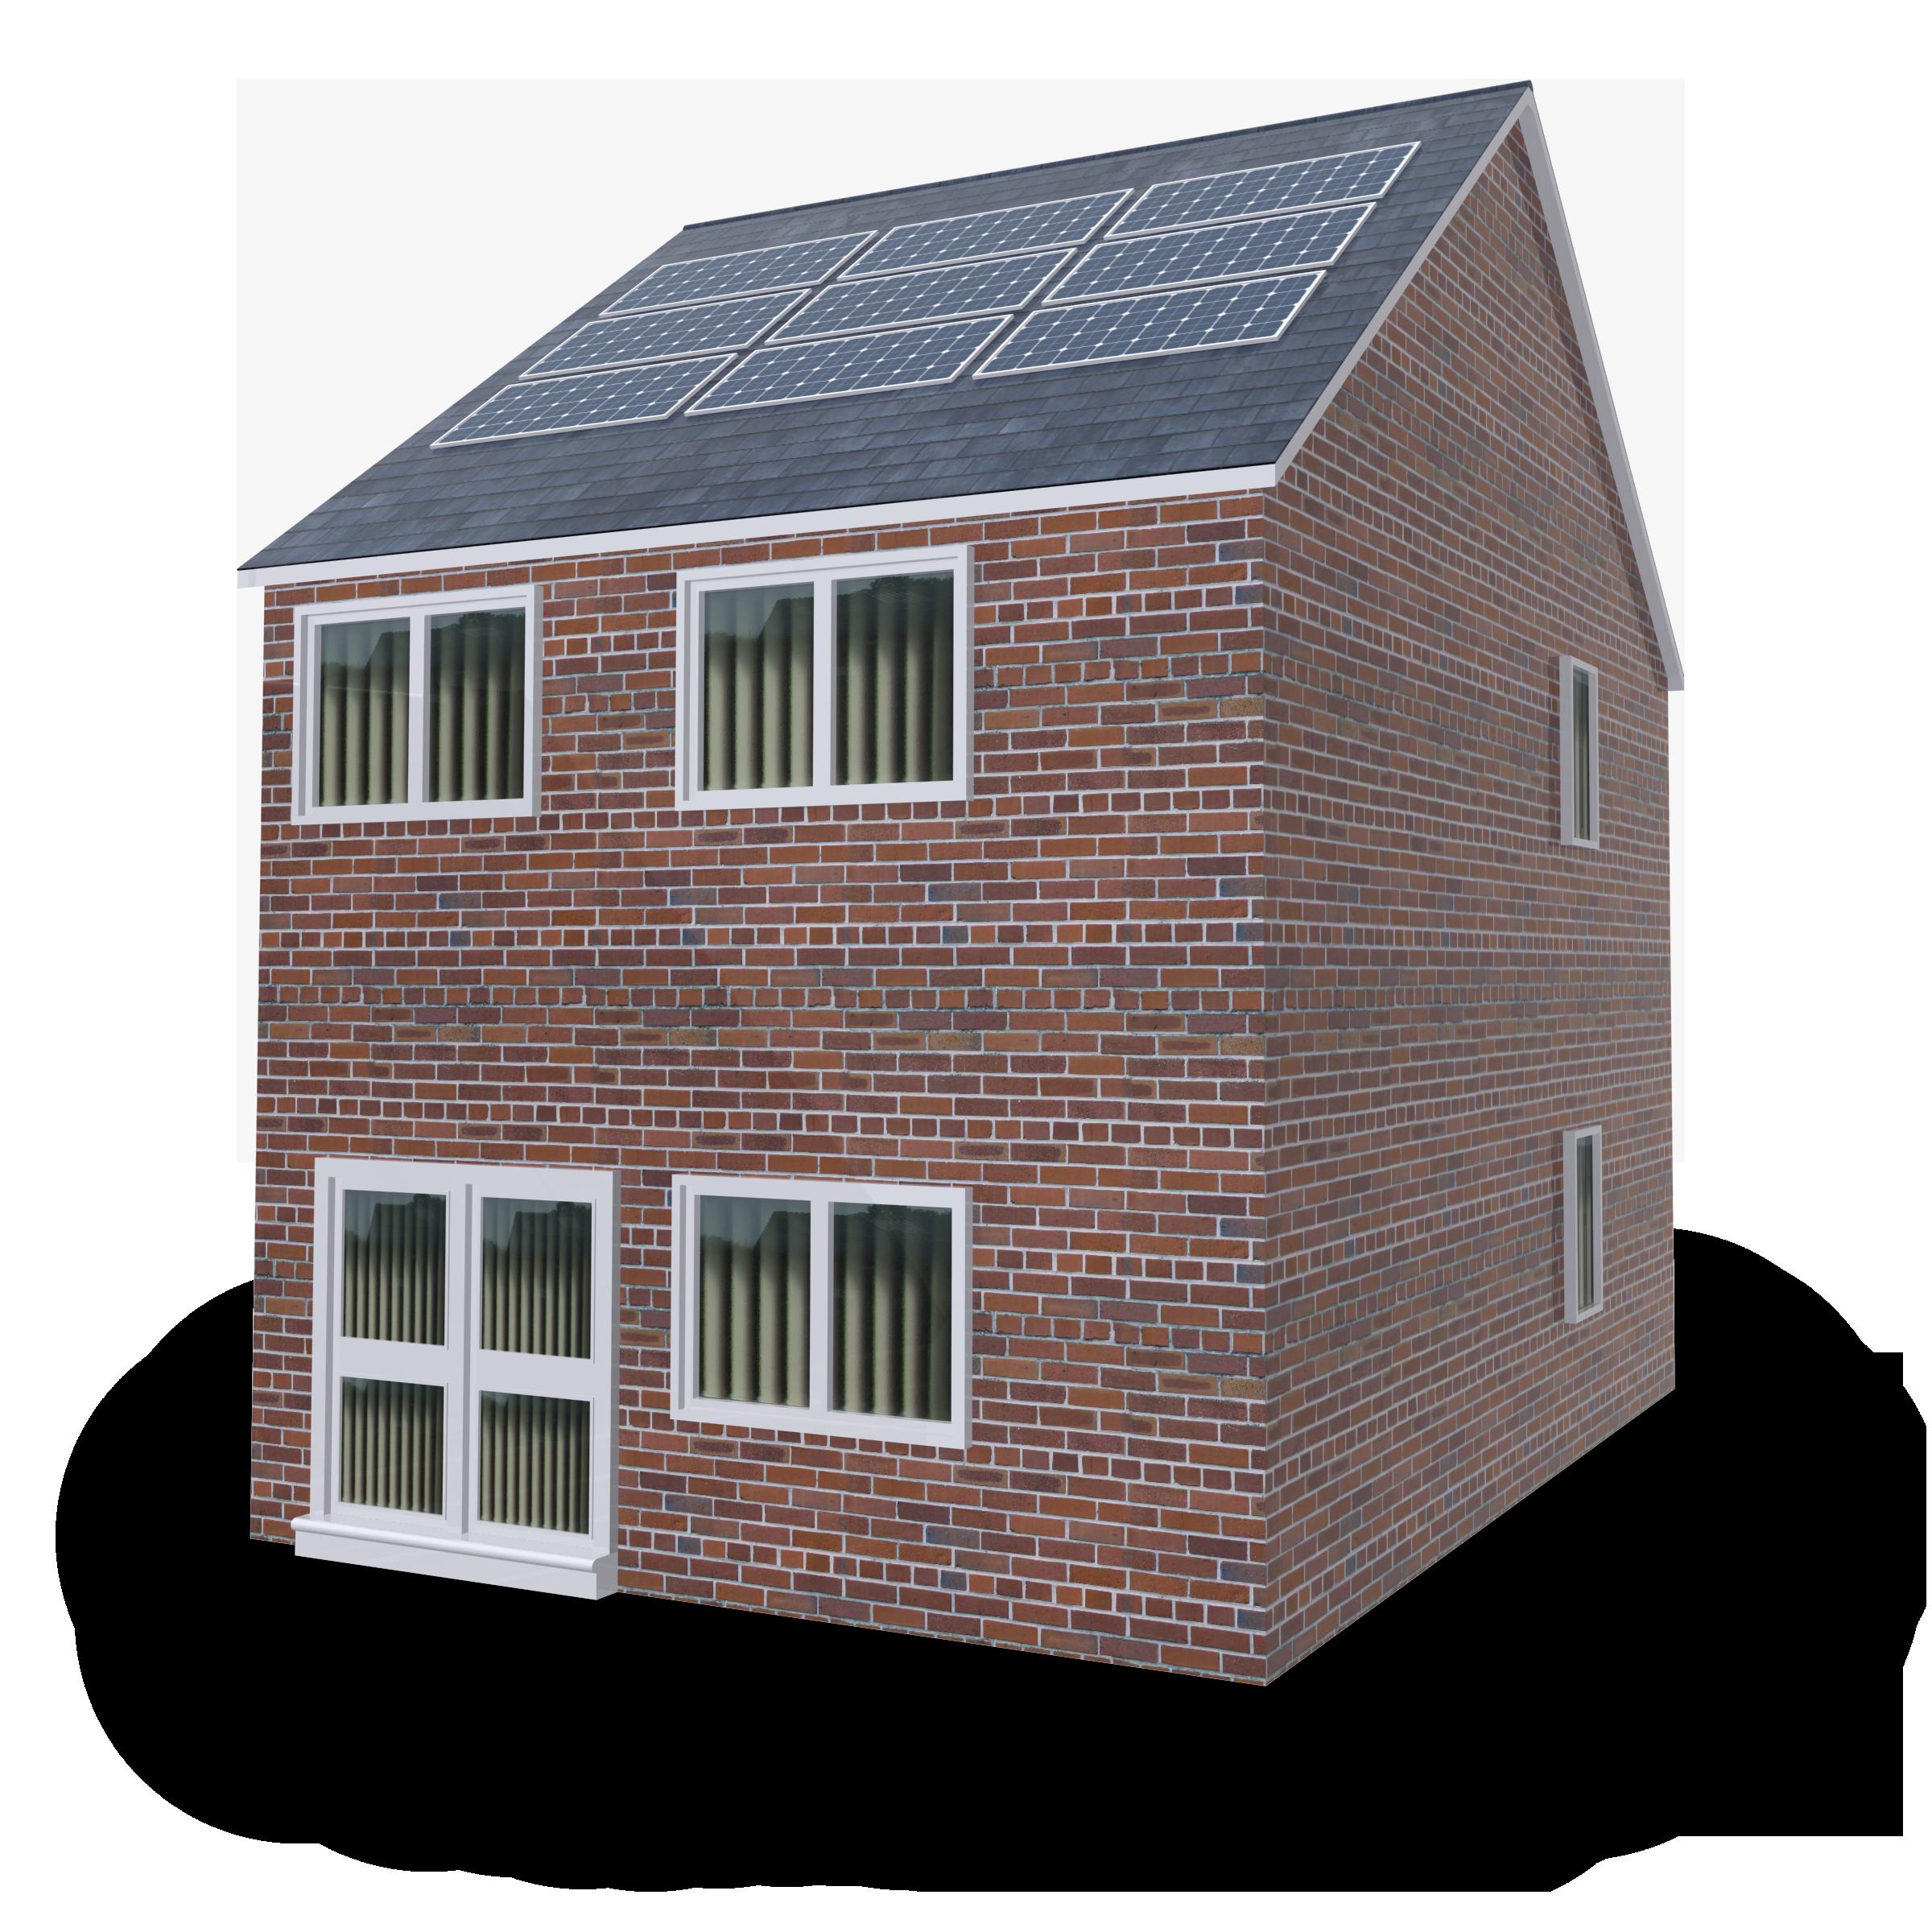 Nuable Solar home